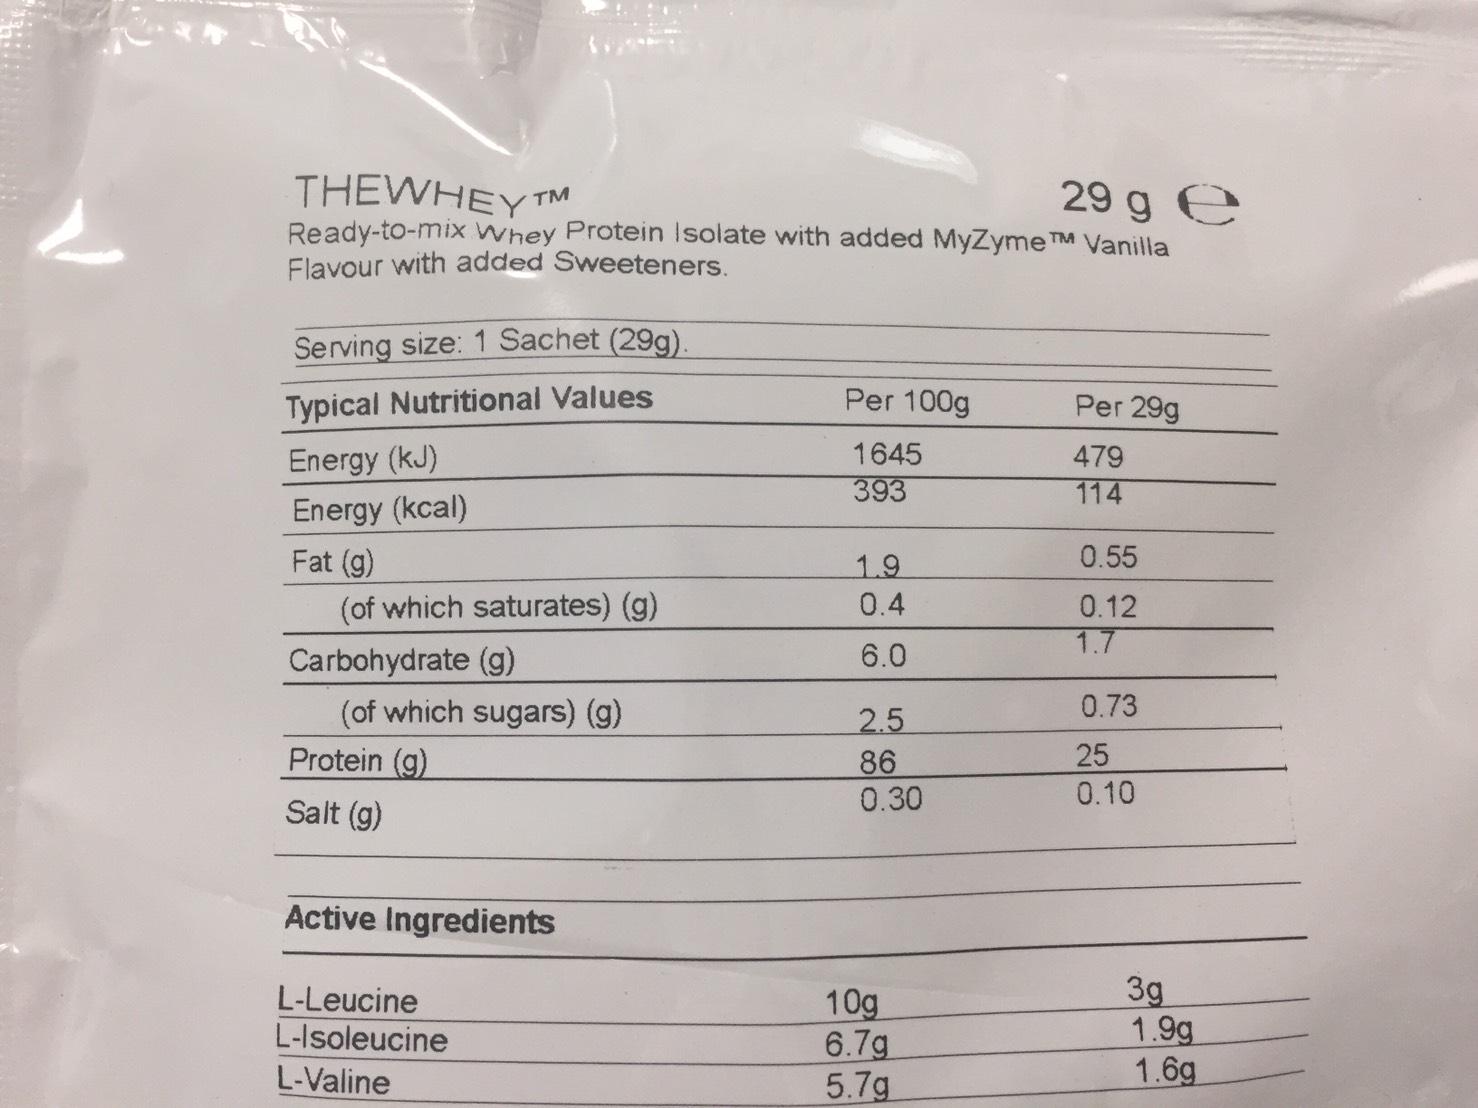 マイプロテイン「THEWHEY」バニラ味の成分表